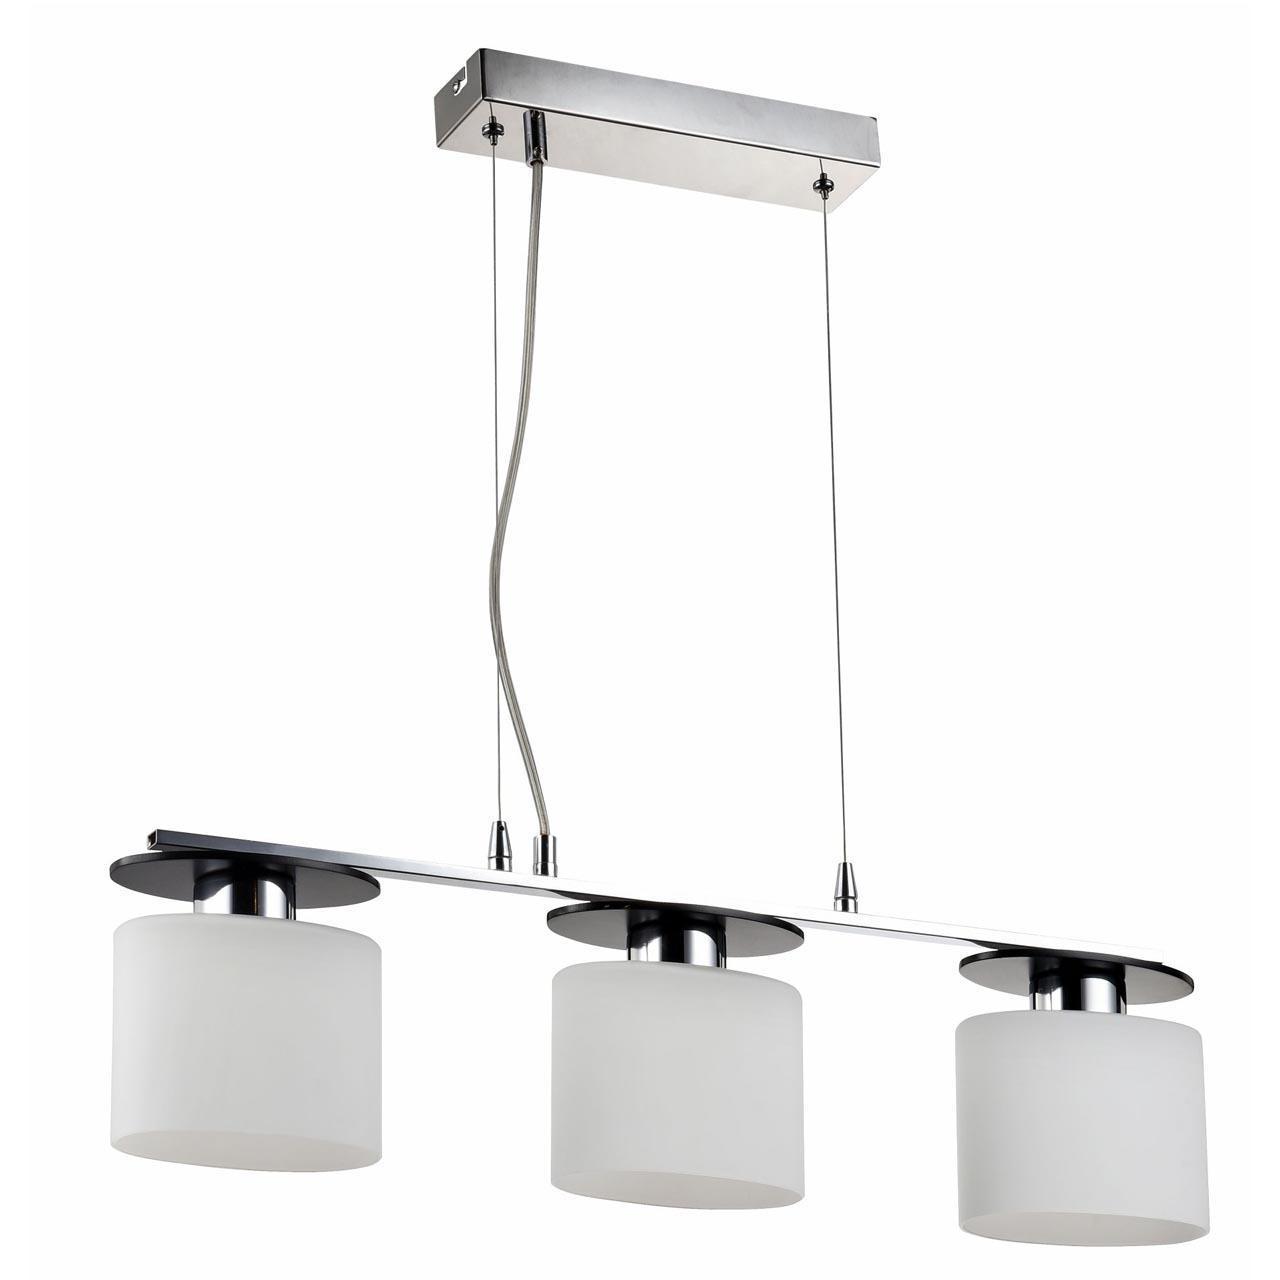 цена Светильник Freya FR5101-PL-33-CN в интернет-магазинах